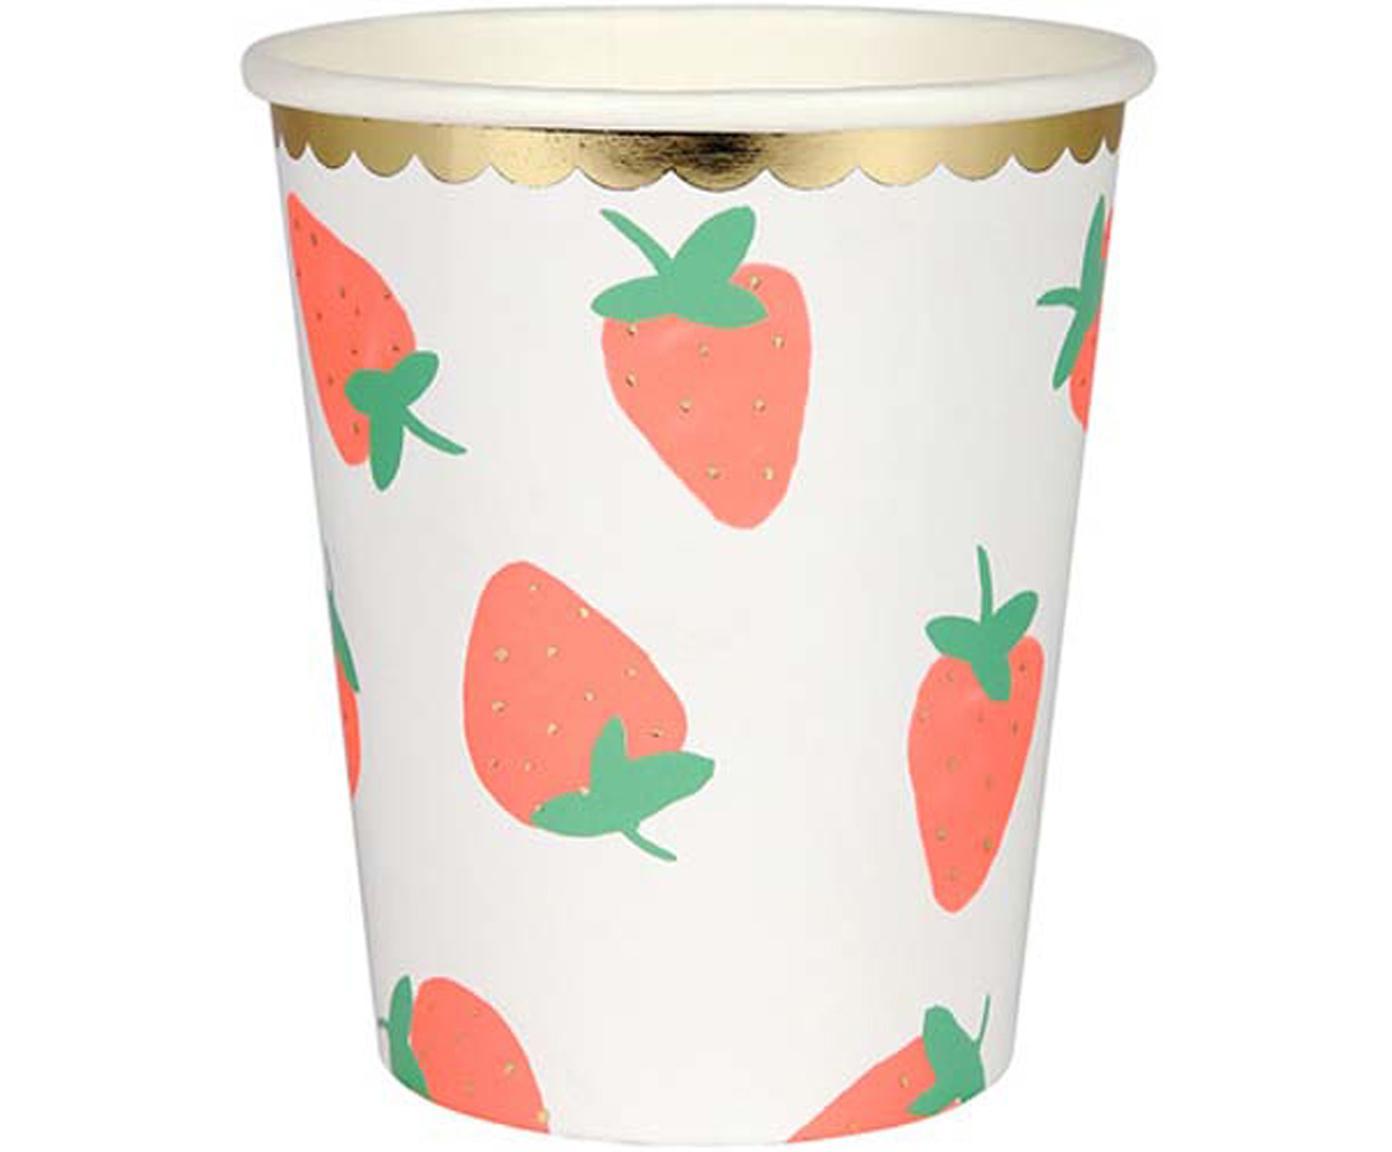 Papier-Becher Strawberry, 8 Stück, Papier, foliert, Weiß, Rosa, Grün, Ø 8 x H 8 cm